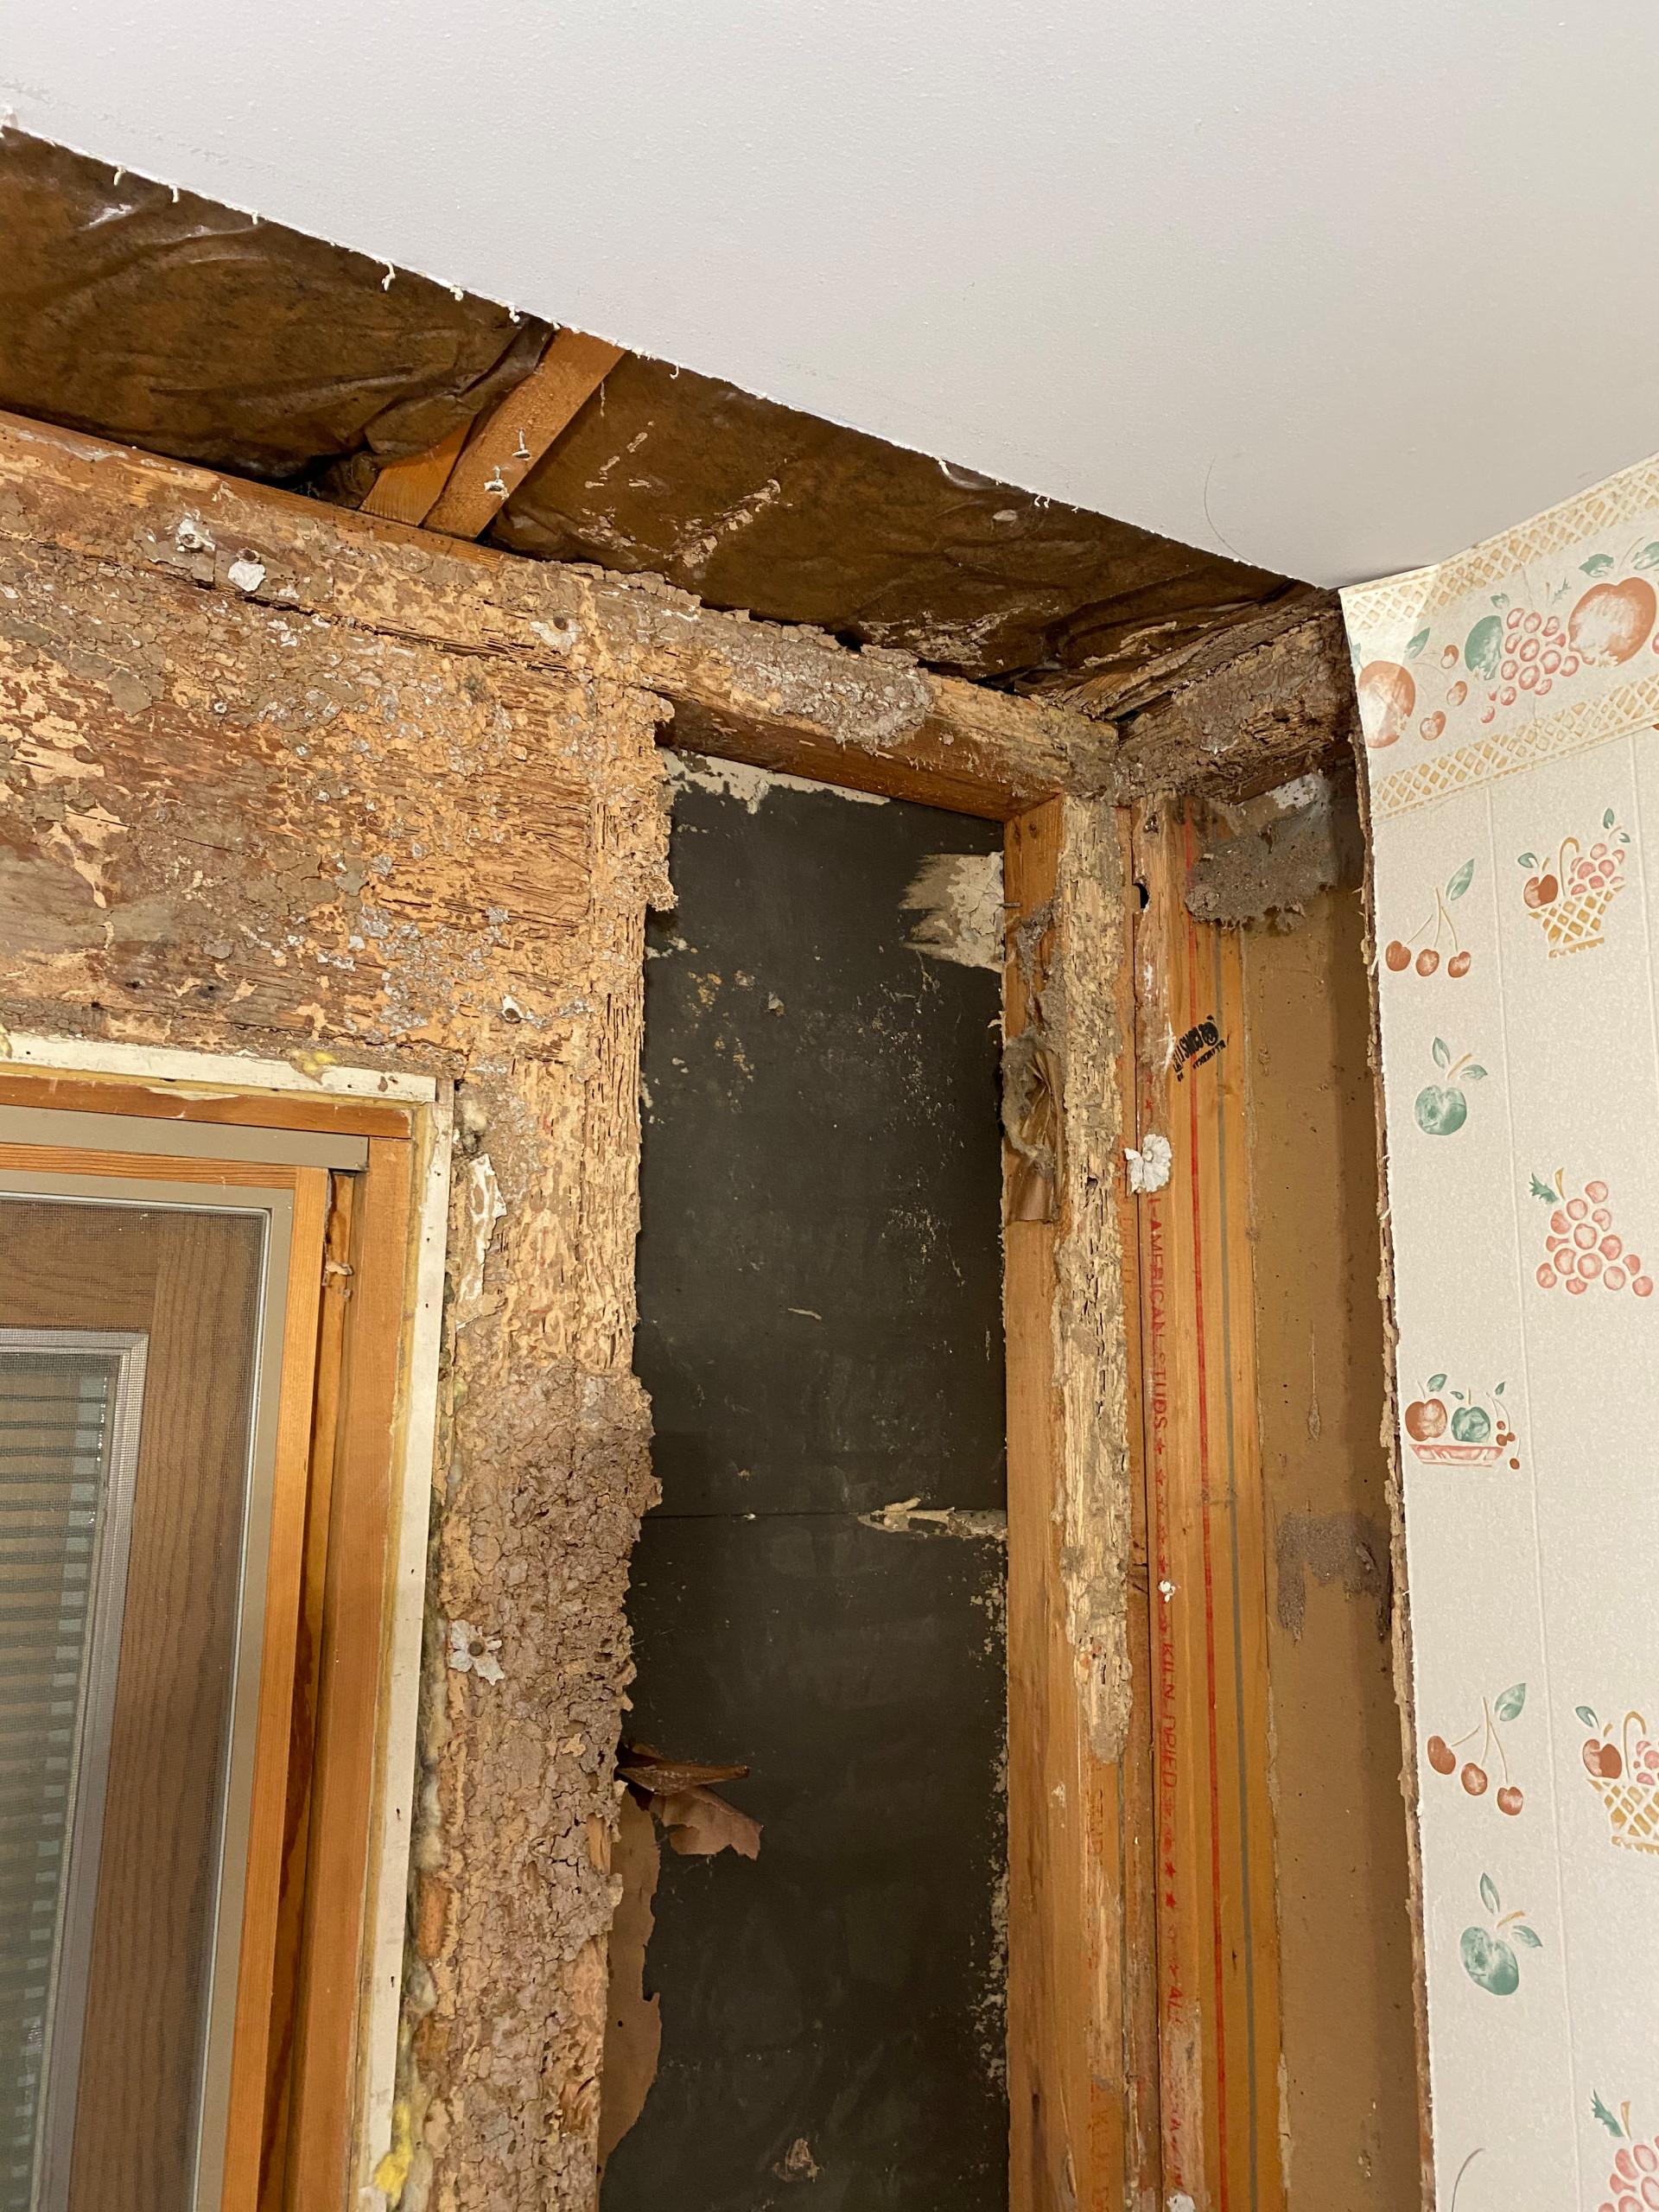 Bowie Termite Damage Repair